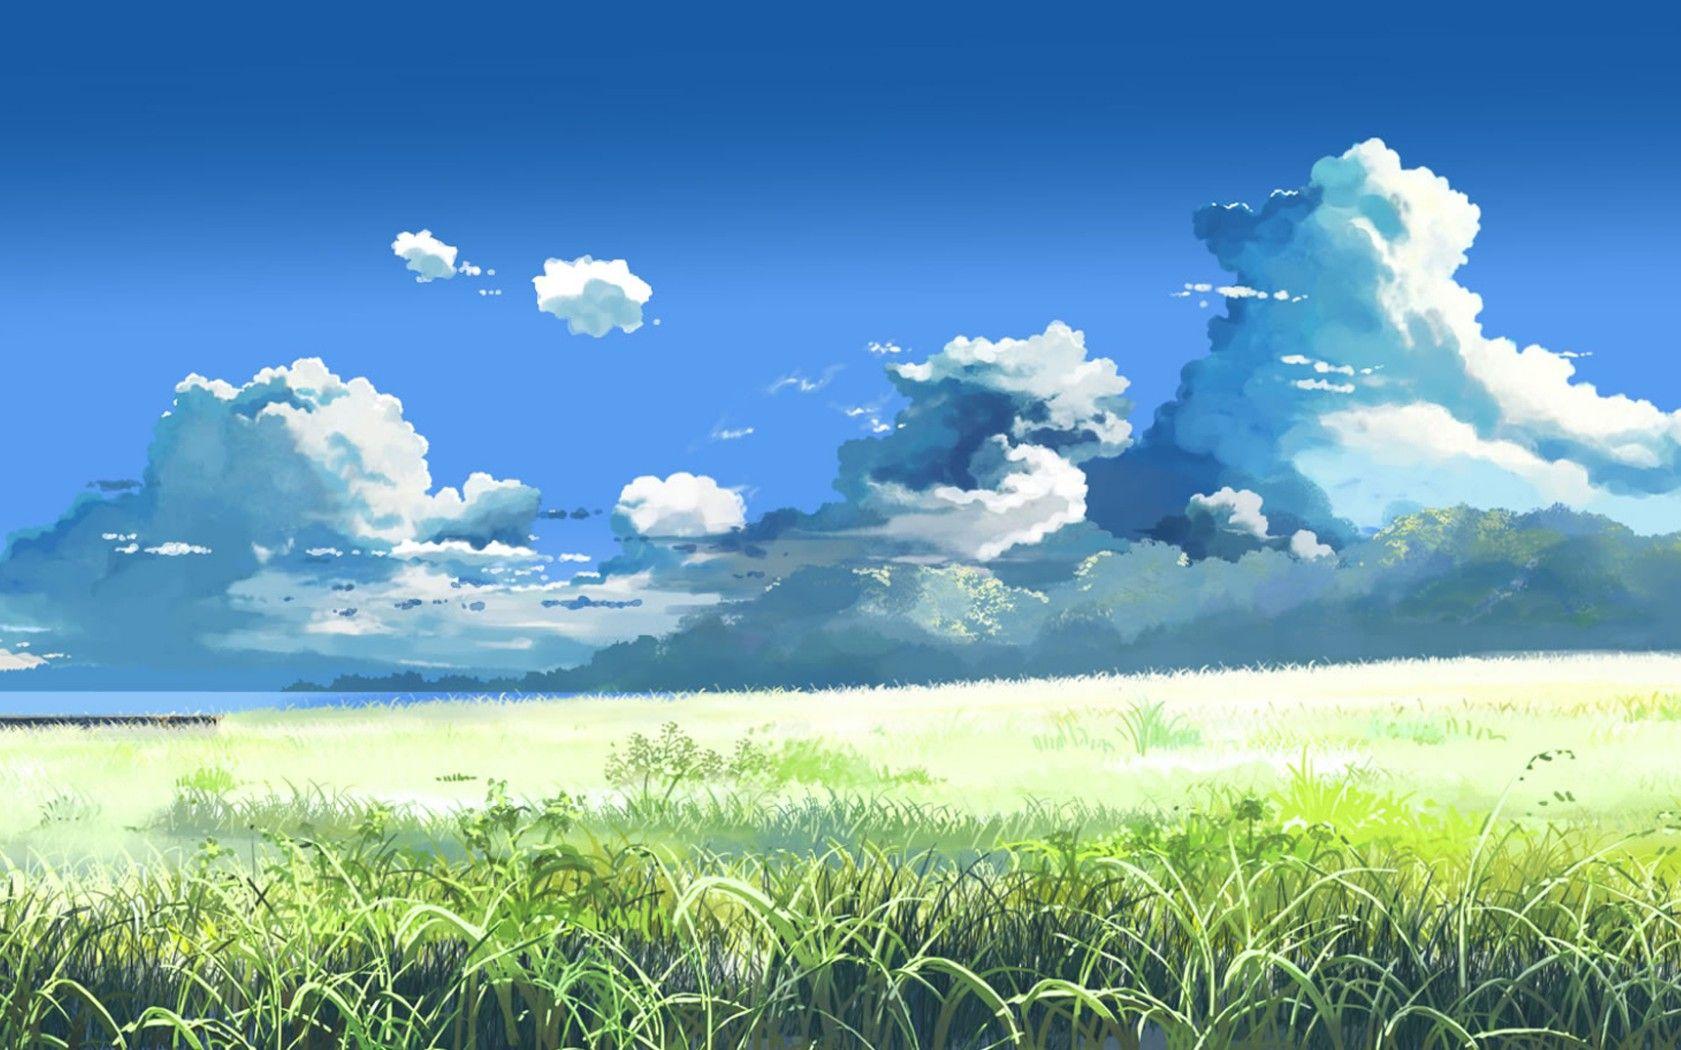 Landscap wallpaper landscape wallpaper wonderful beautiful - Wallpaper hd 1920x1080 anime ...